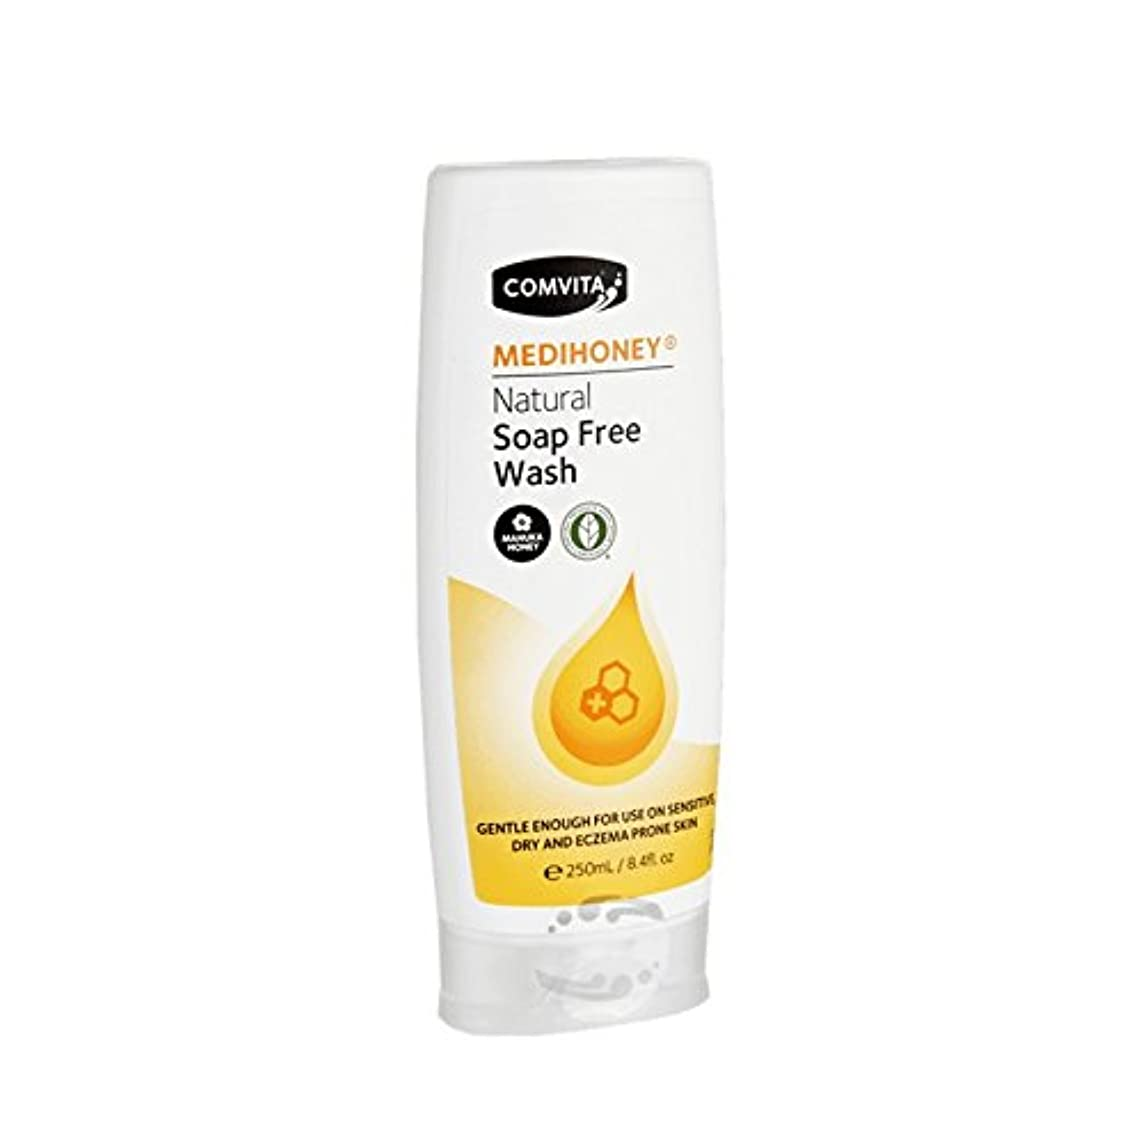 ブレーク持続するであることComvita Medihoney Gentle Body Wash 250ml (Pack of 6) - コンビタのメディハニー優しいボディウォッシュ250ミリリットル (x6) [並行輸入品]